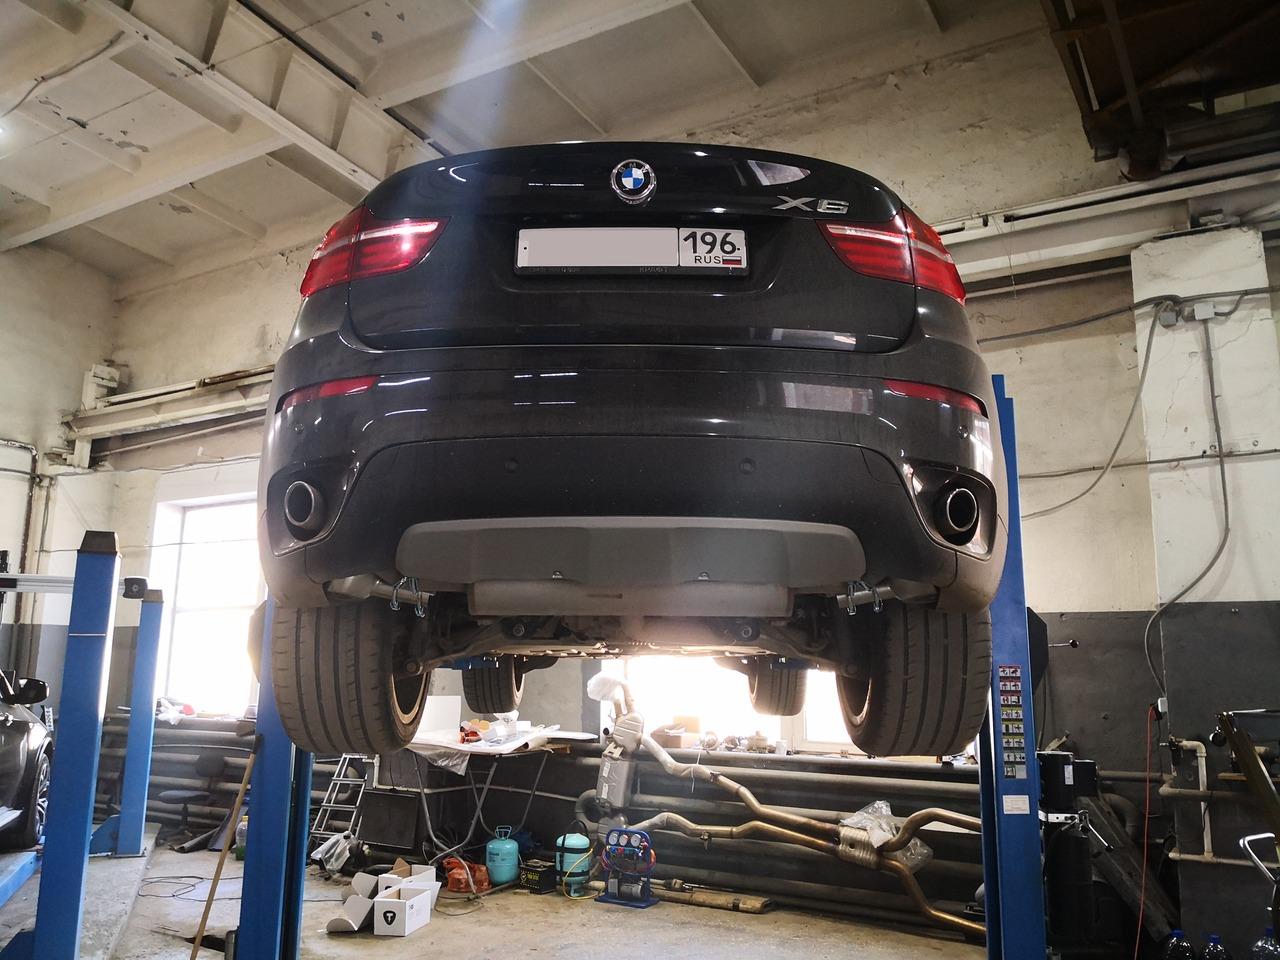 BMW X6 E71 30d 2012 г.в., дизель, вид снизу сзади